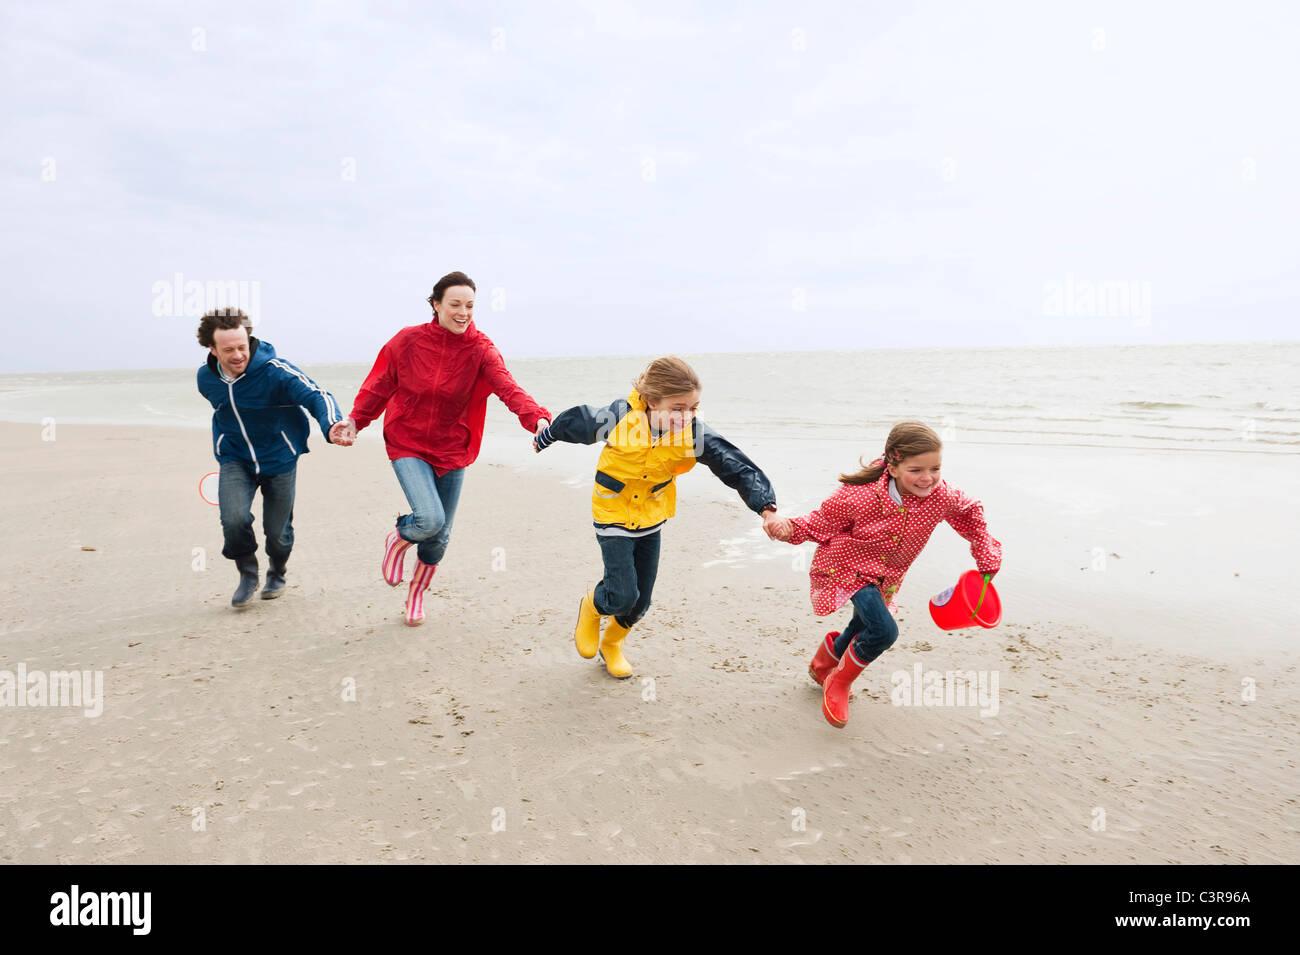 Allemagne, Mer du Nord, Family et running on beach Photo Stock